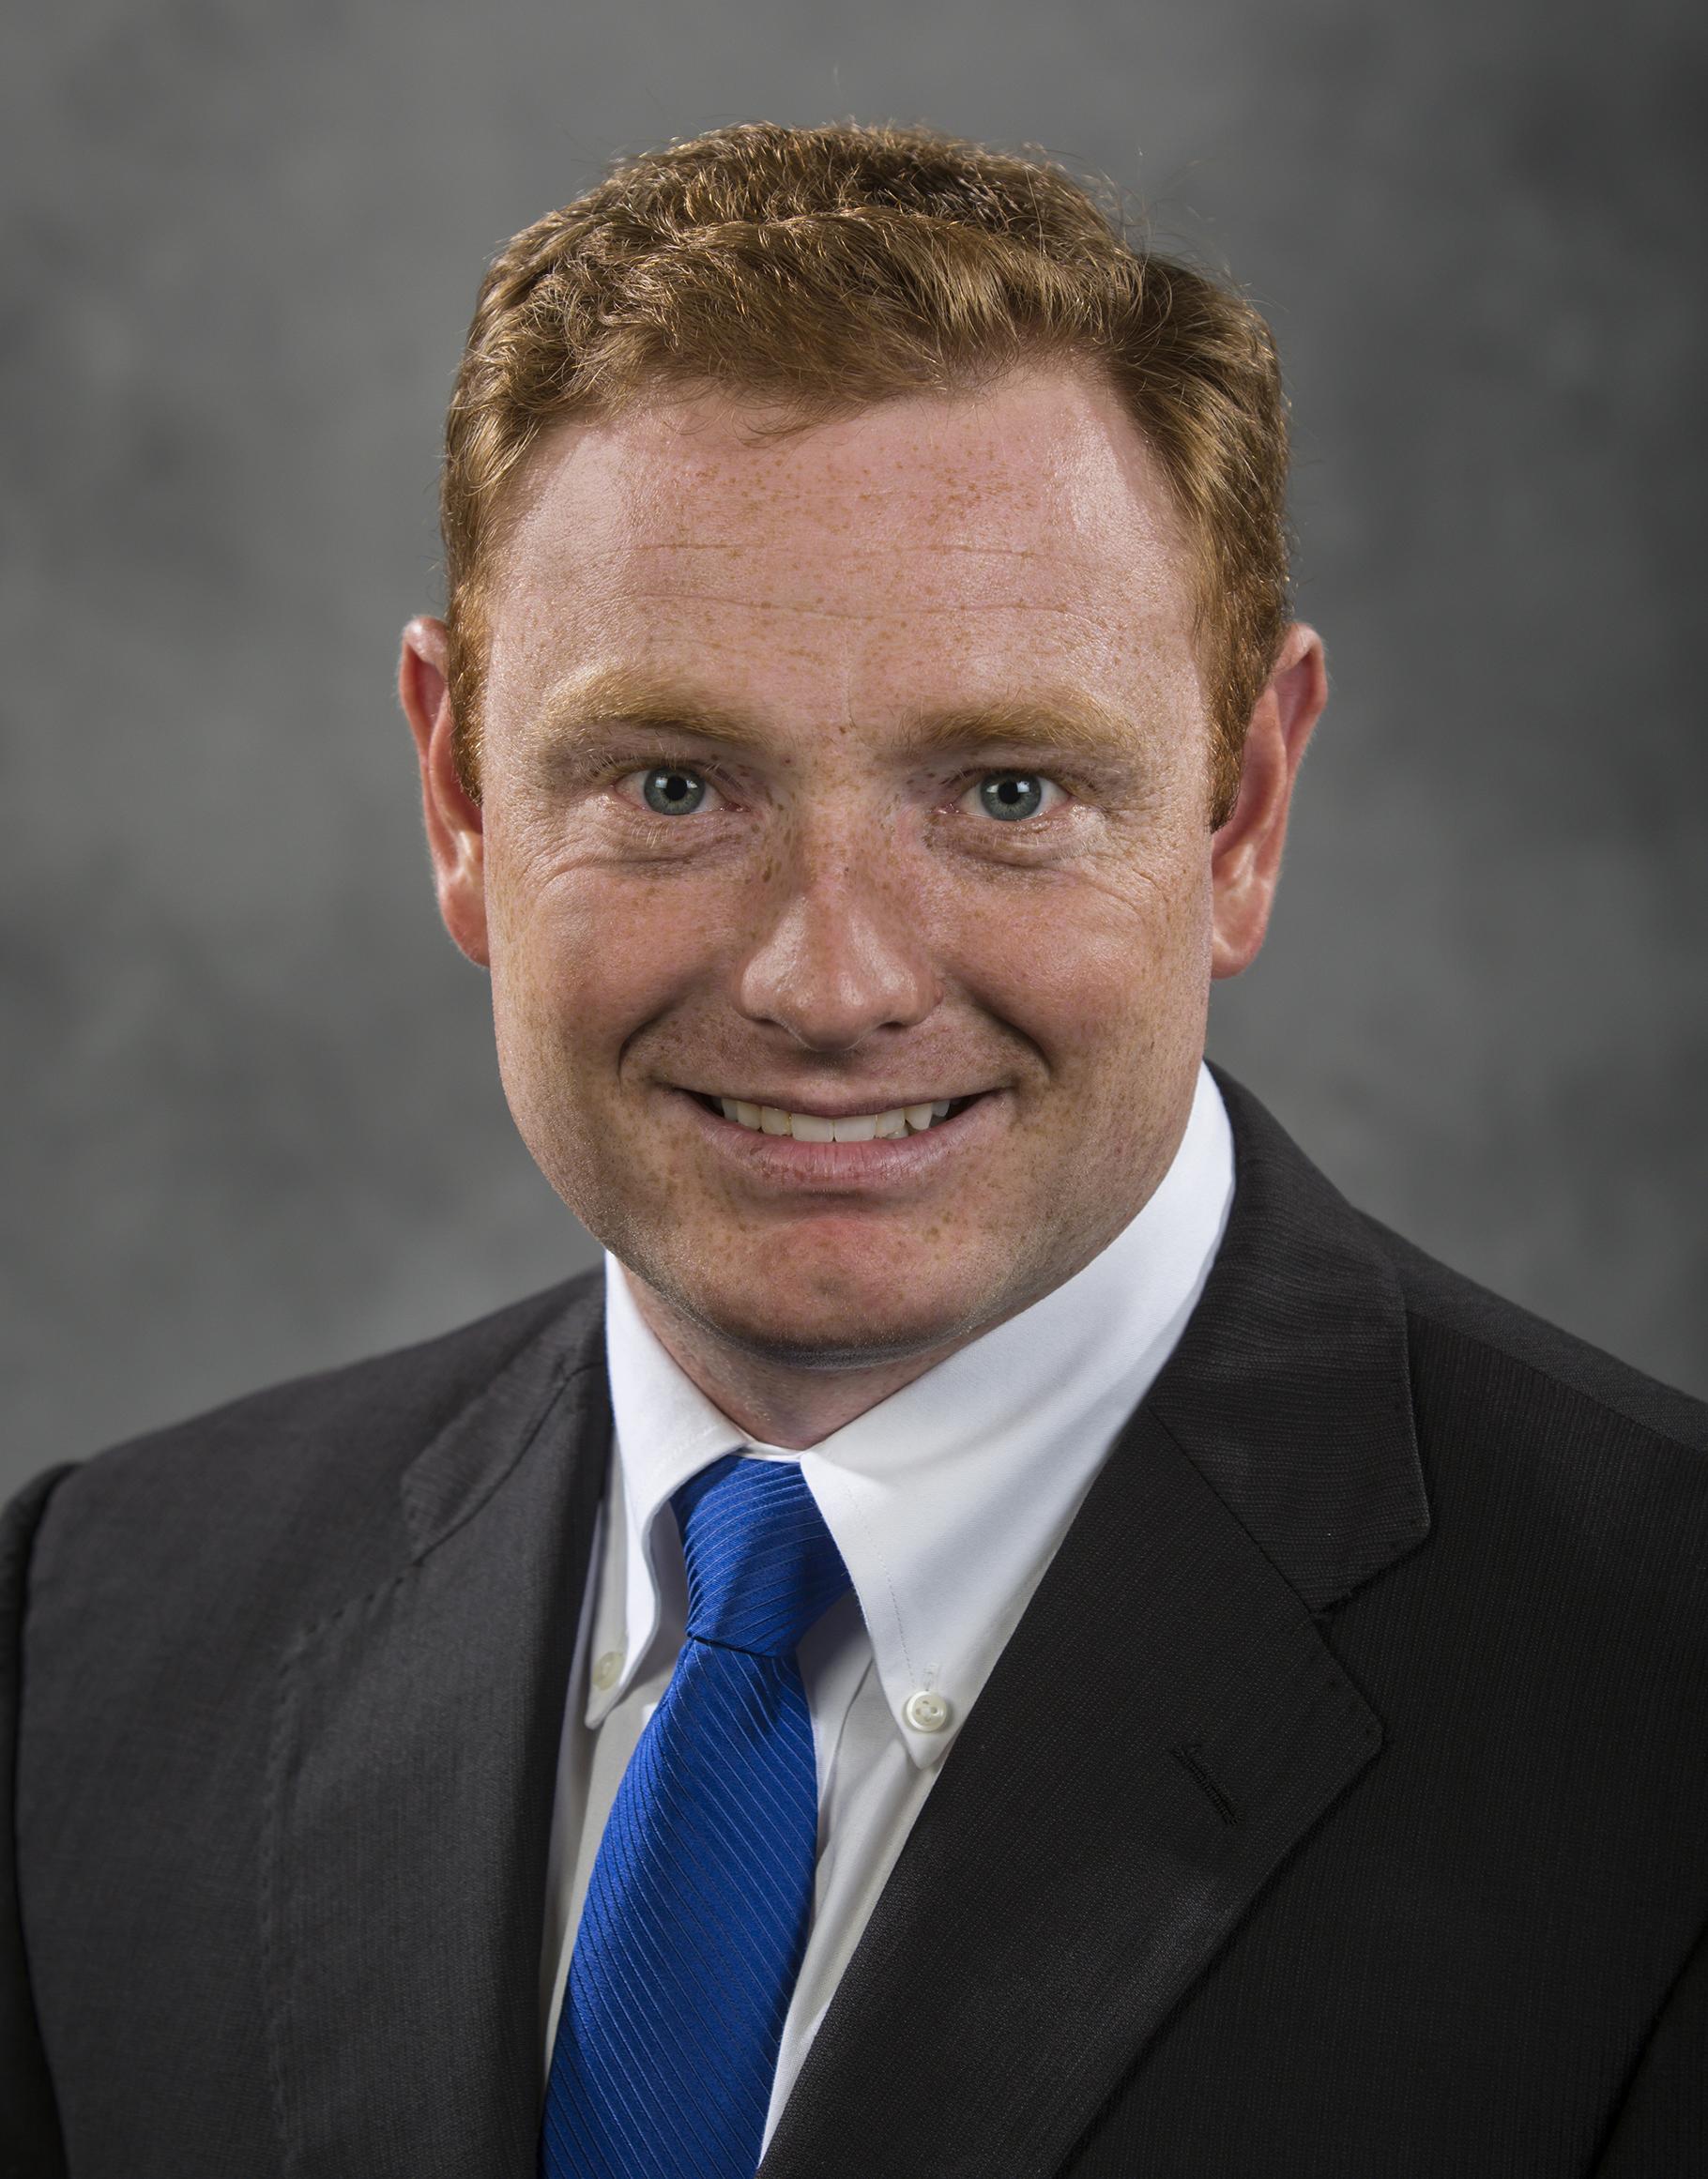 Andrew Soper